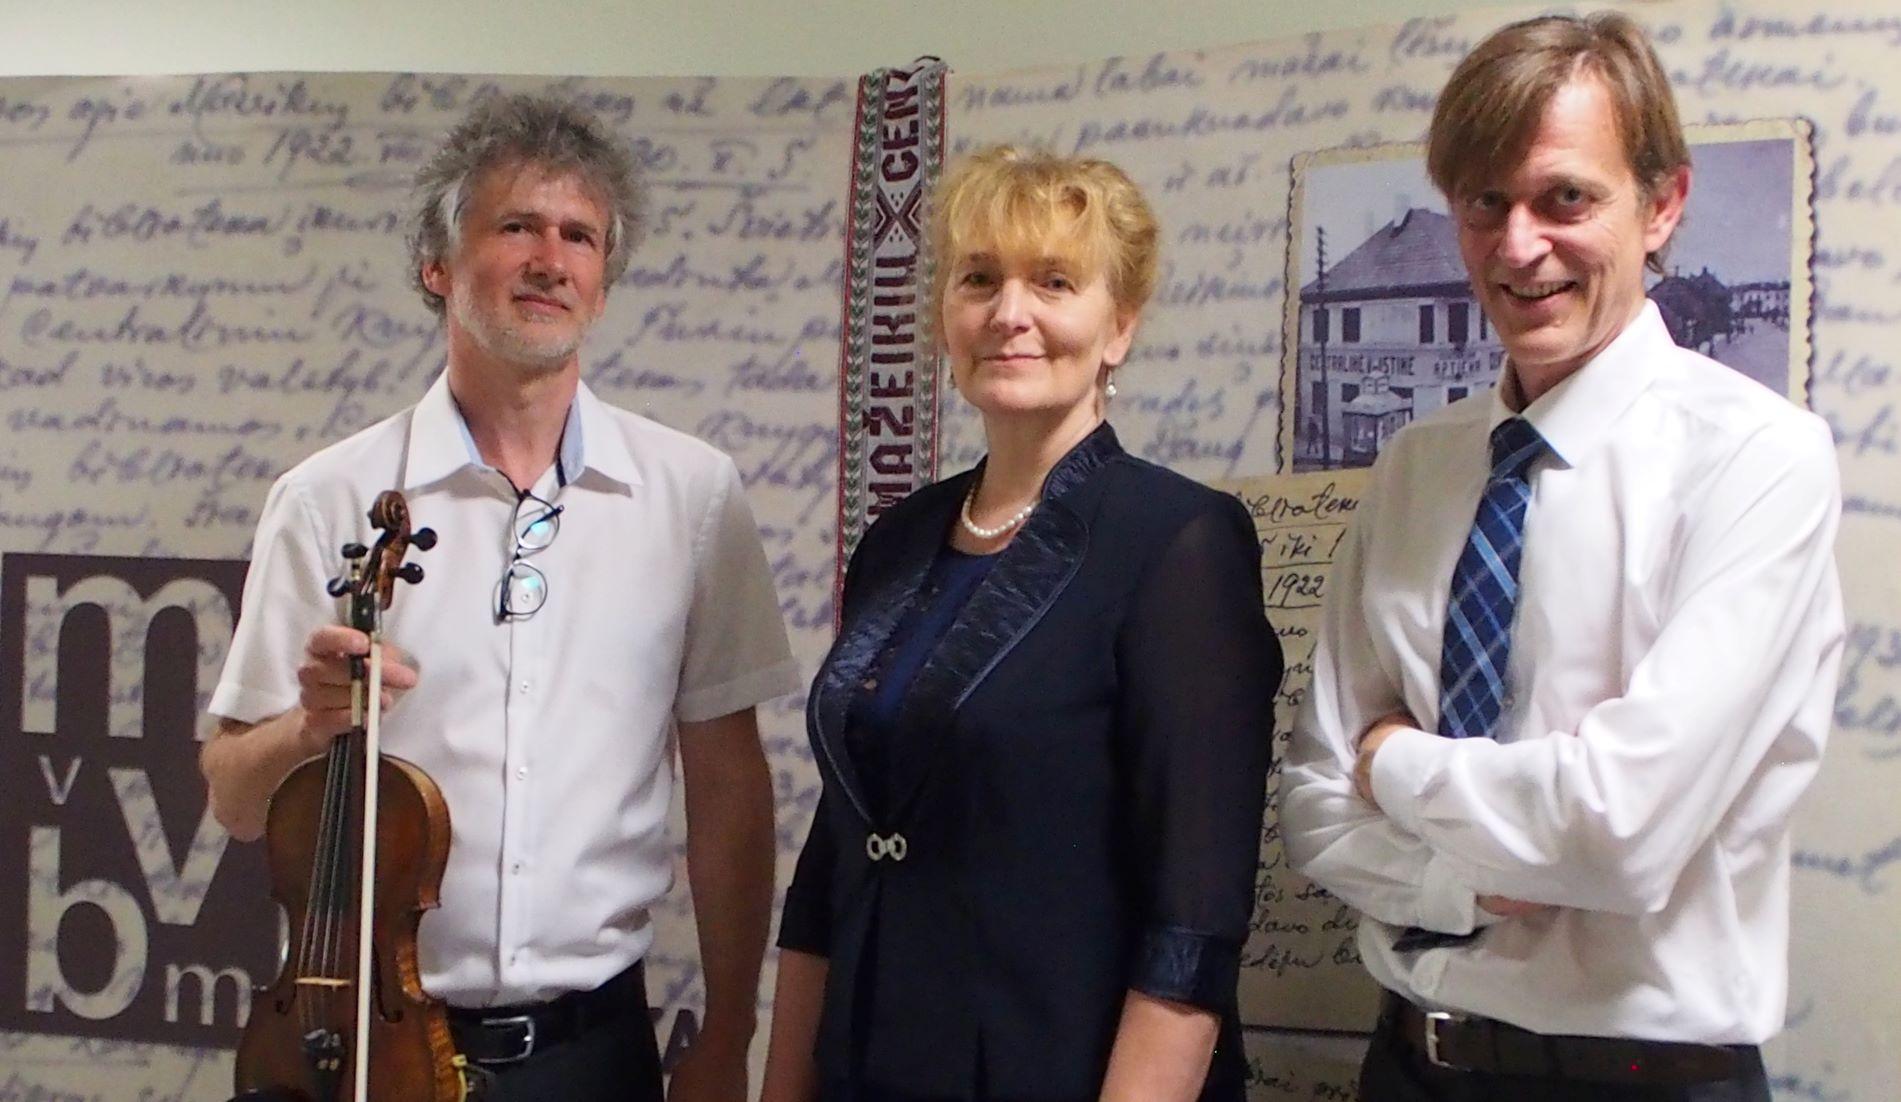 Renginio svečiai: Darius Krapikas, dr. Virginija Paplauskienė, Dainius Svobonas